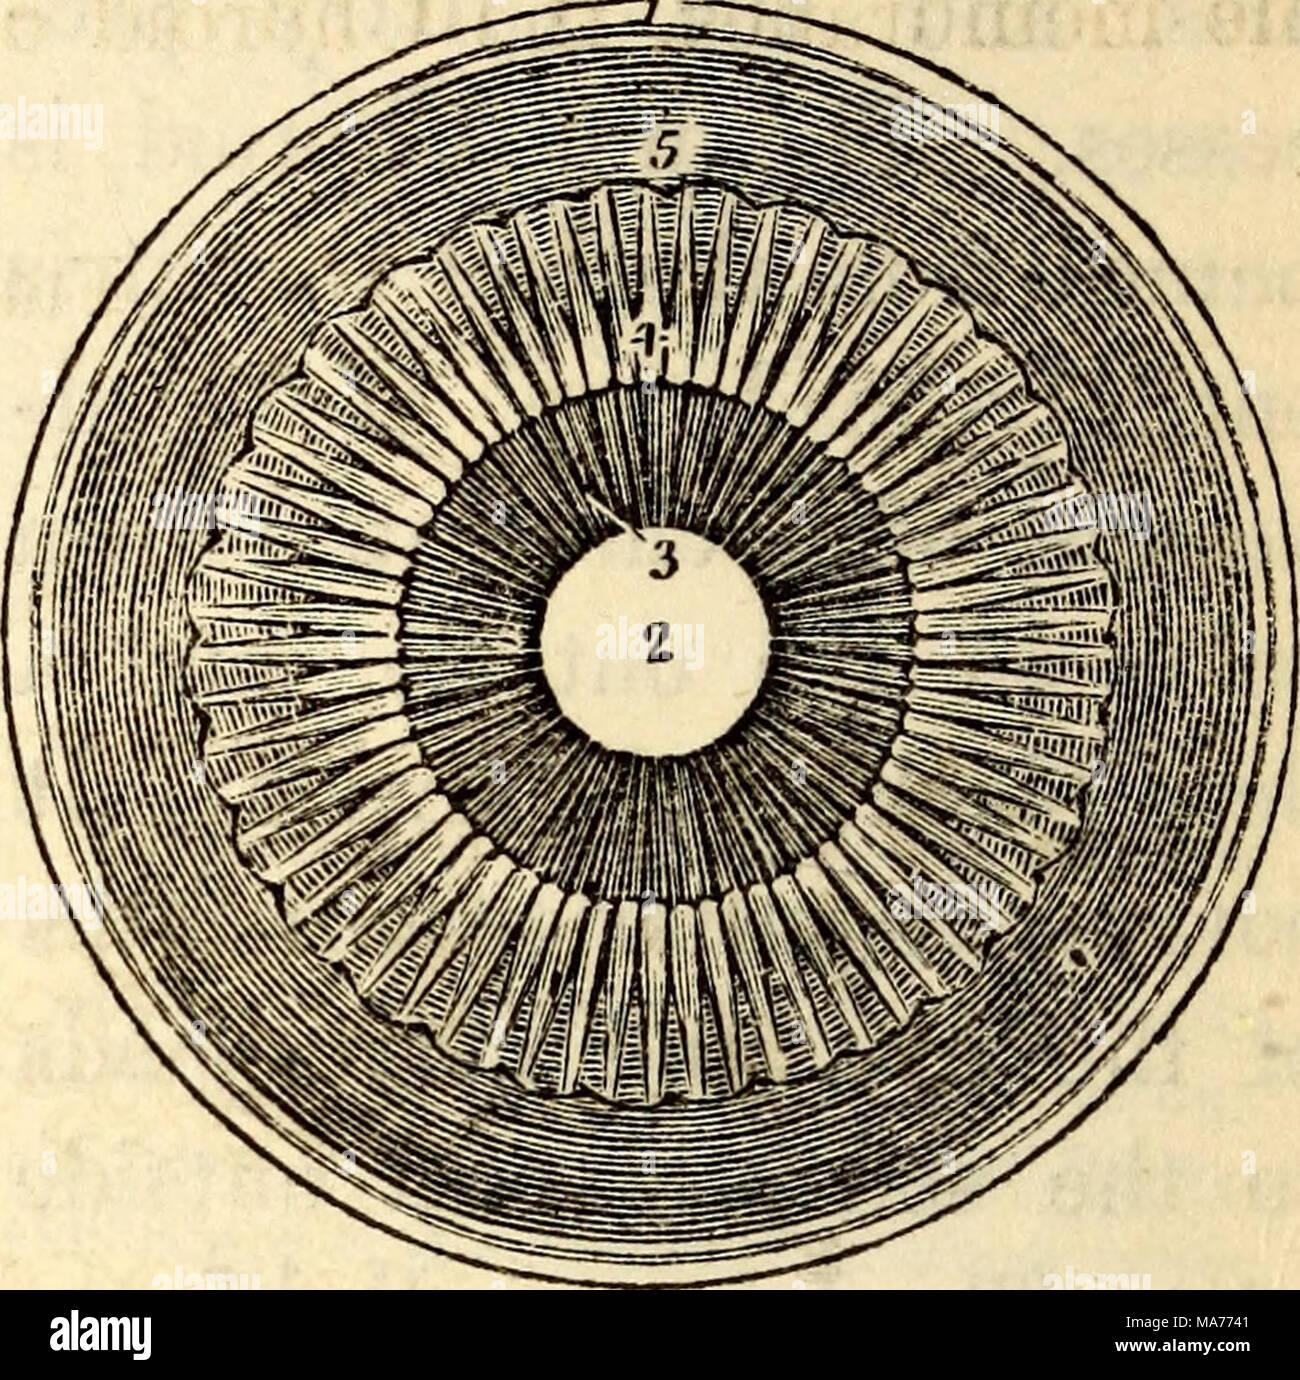 Fein Iris Anatomie Und Physiologie Bilder - Menschliche Anatomie ...